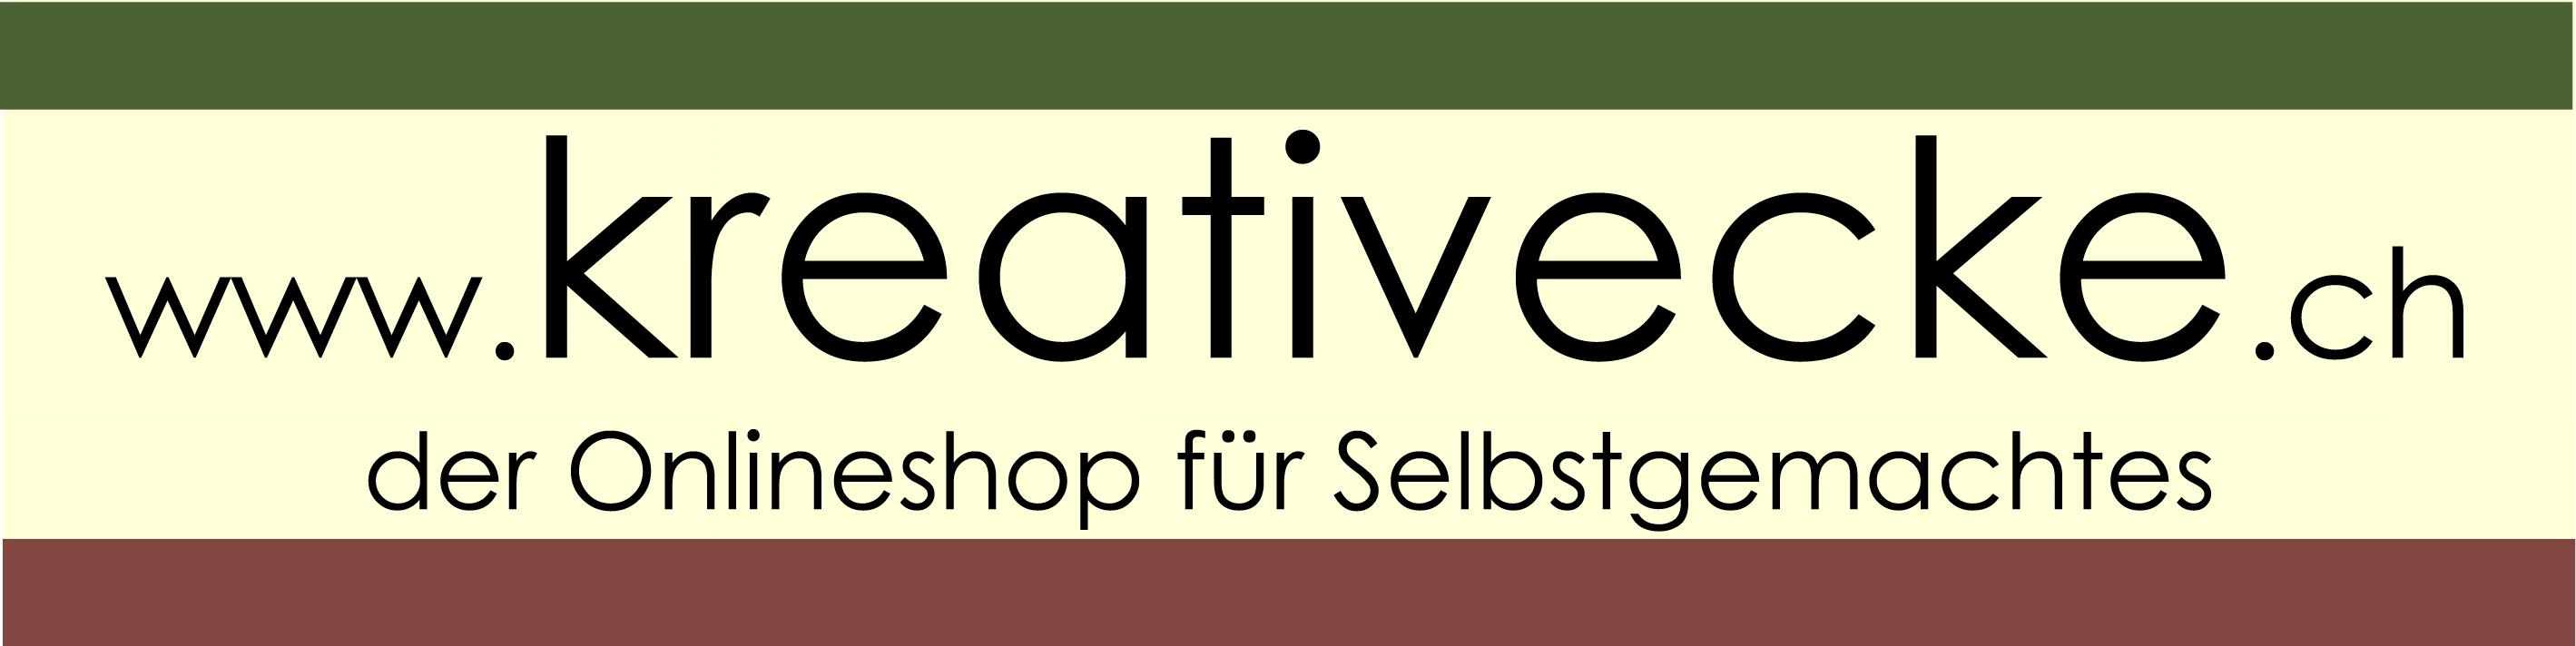 Kreativecke.ch